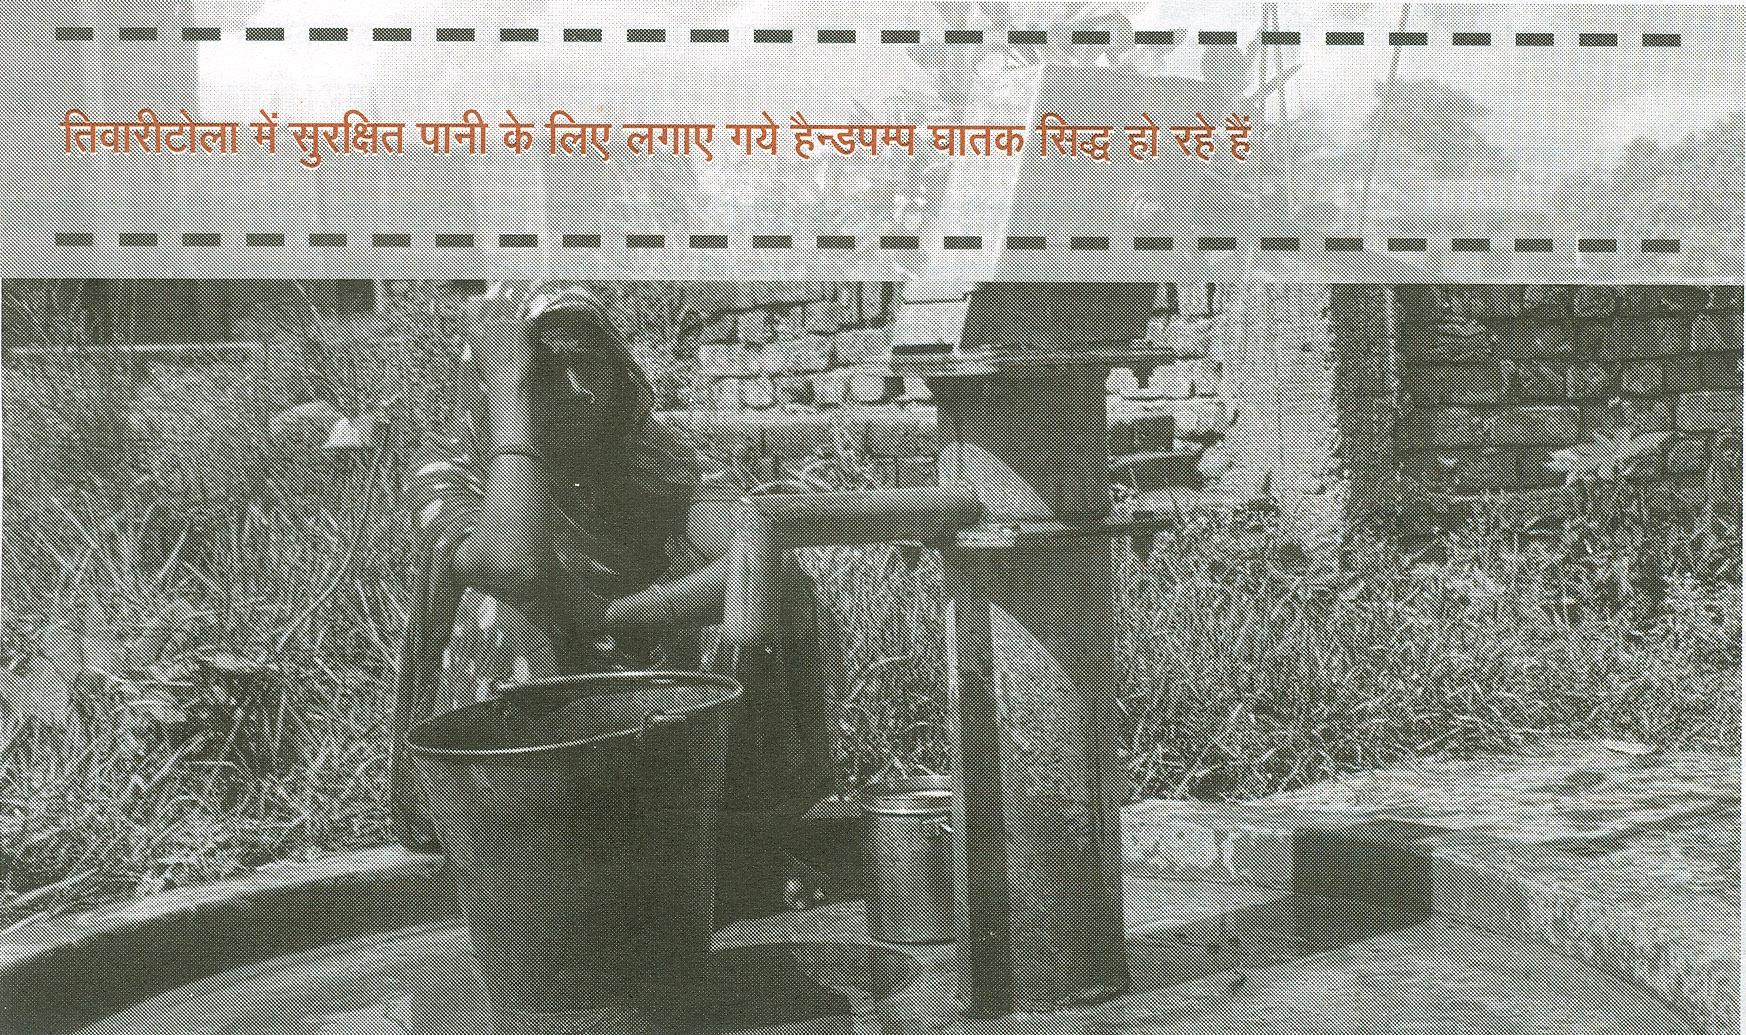 तिवारीटोला में सुरक्षित पानी के लिए लगाए गये हैंडपम्प